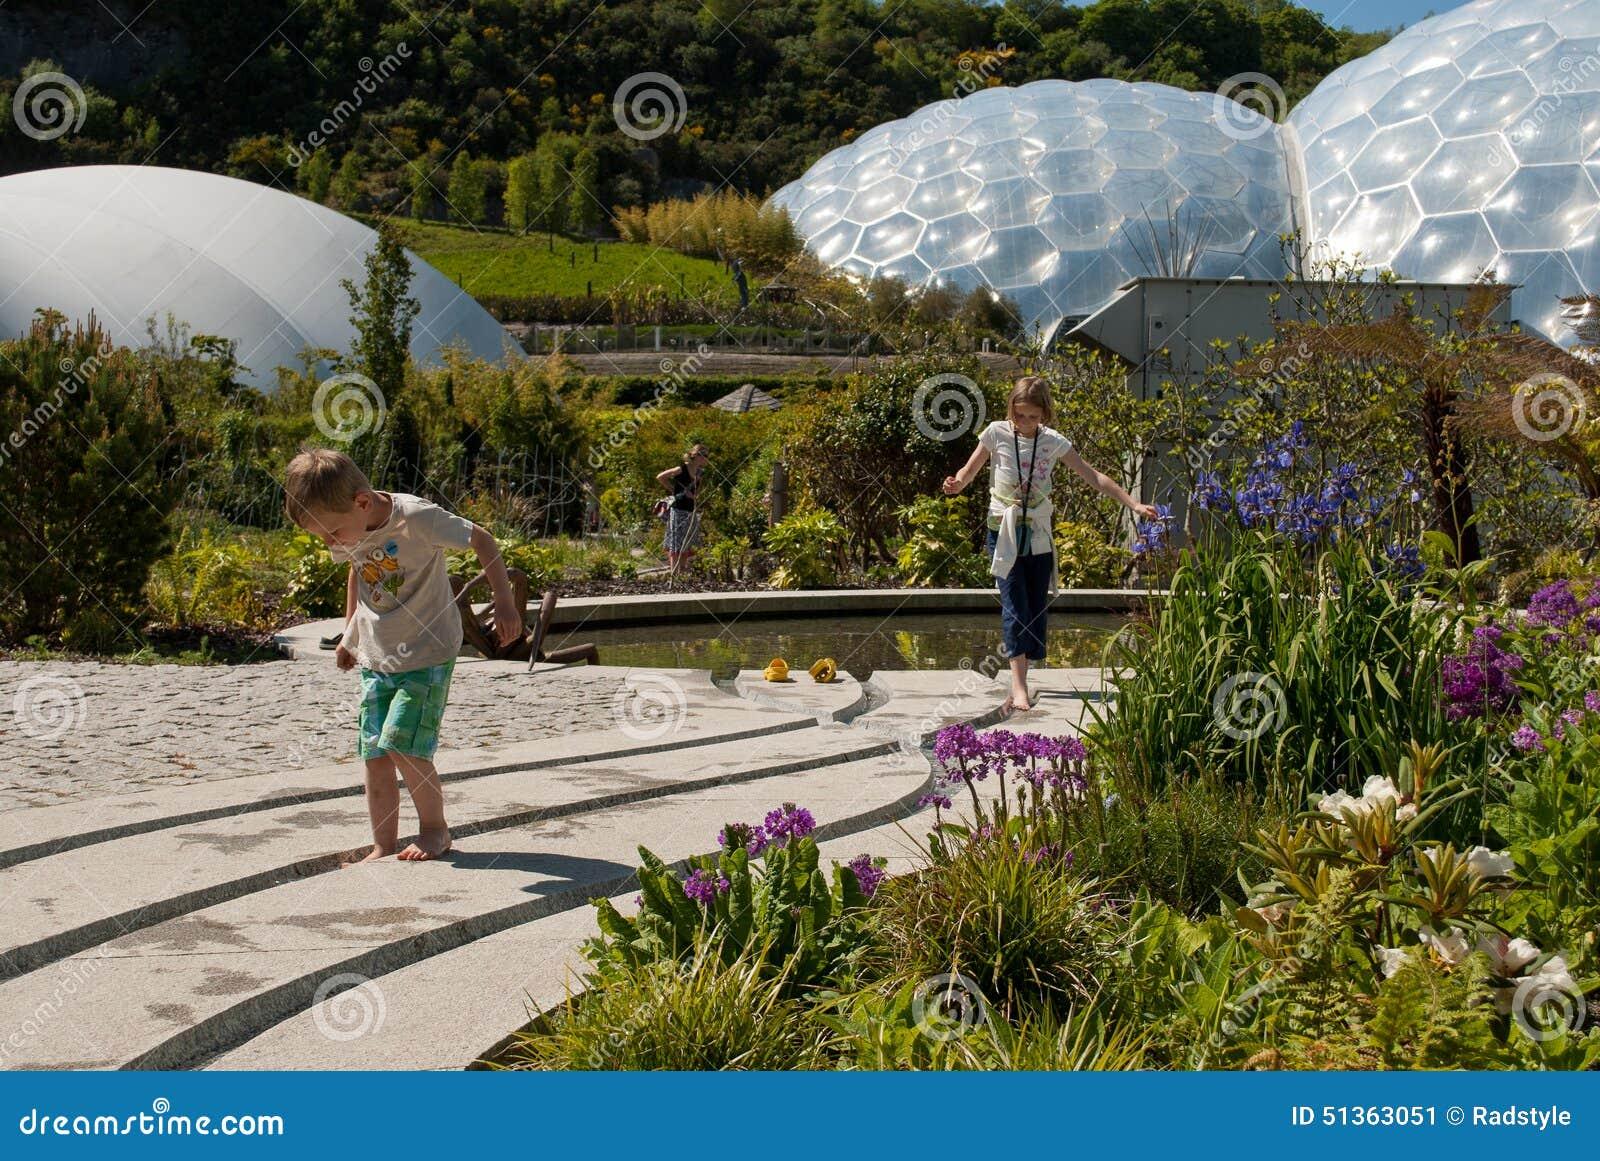 Eden Project Biomes met kinderen